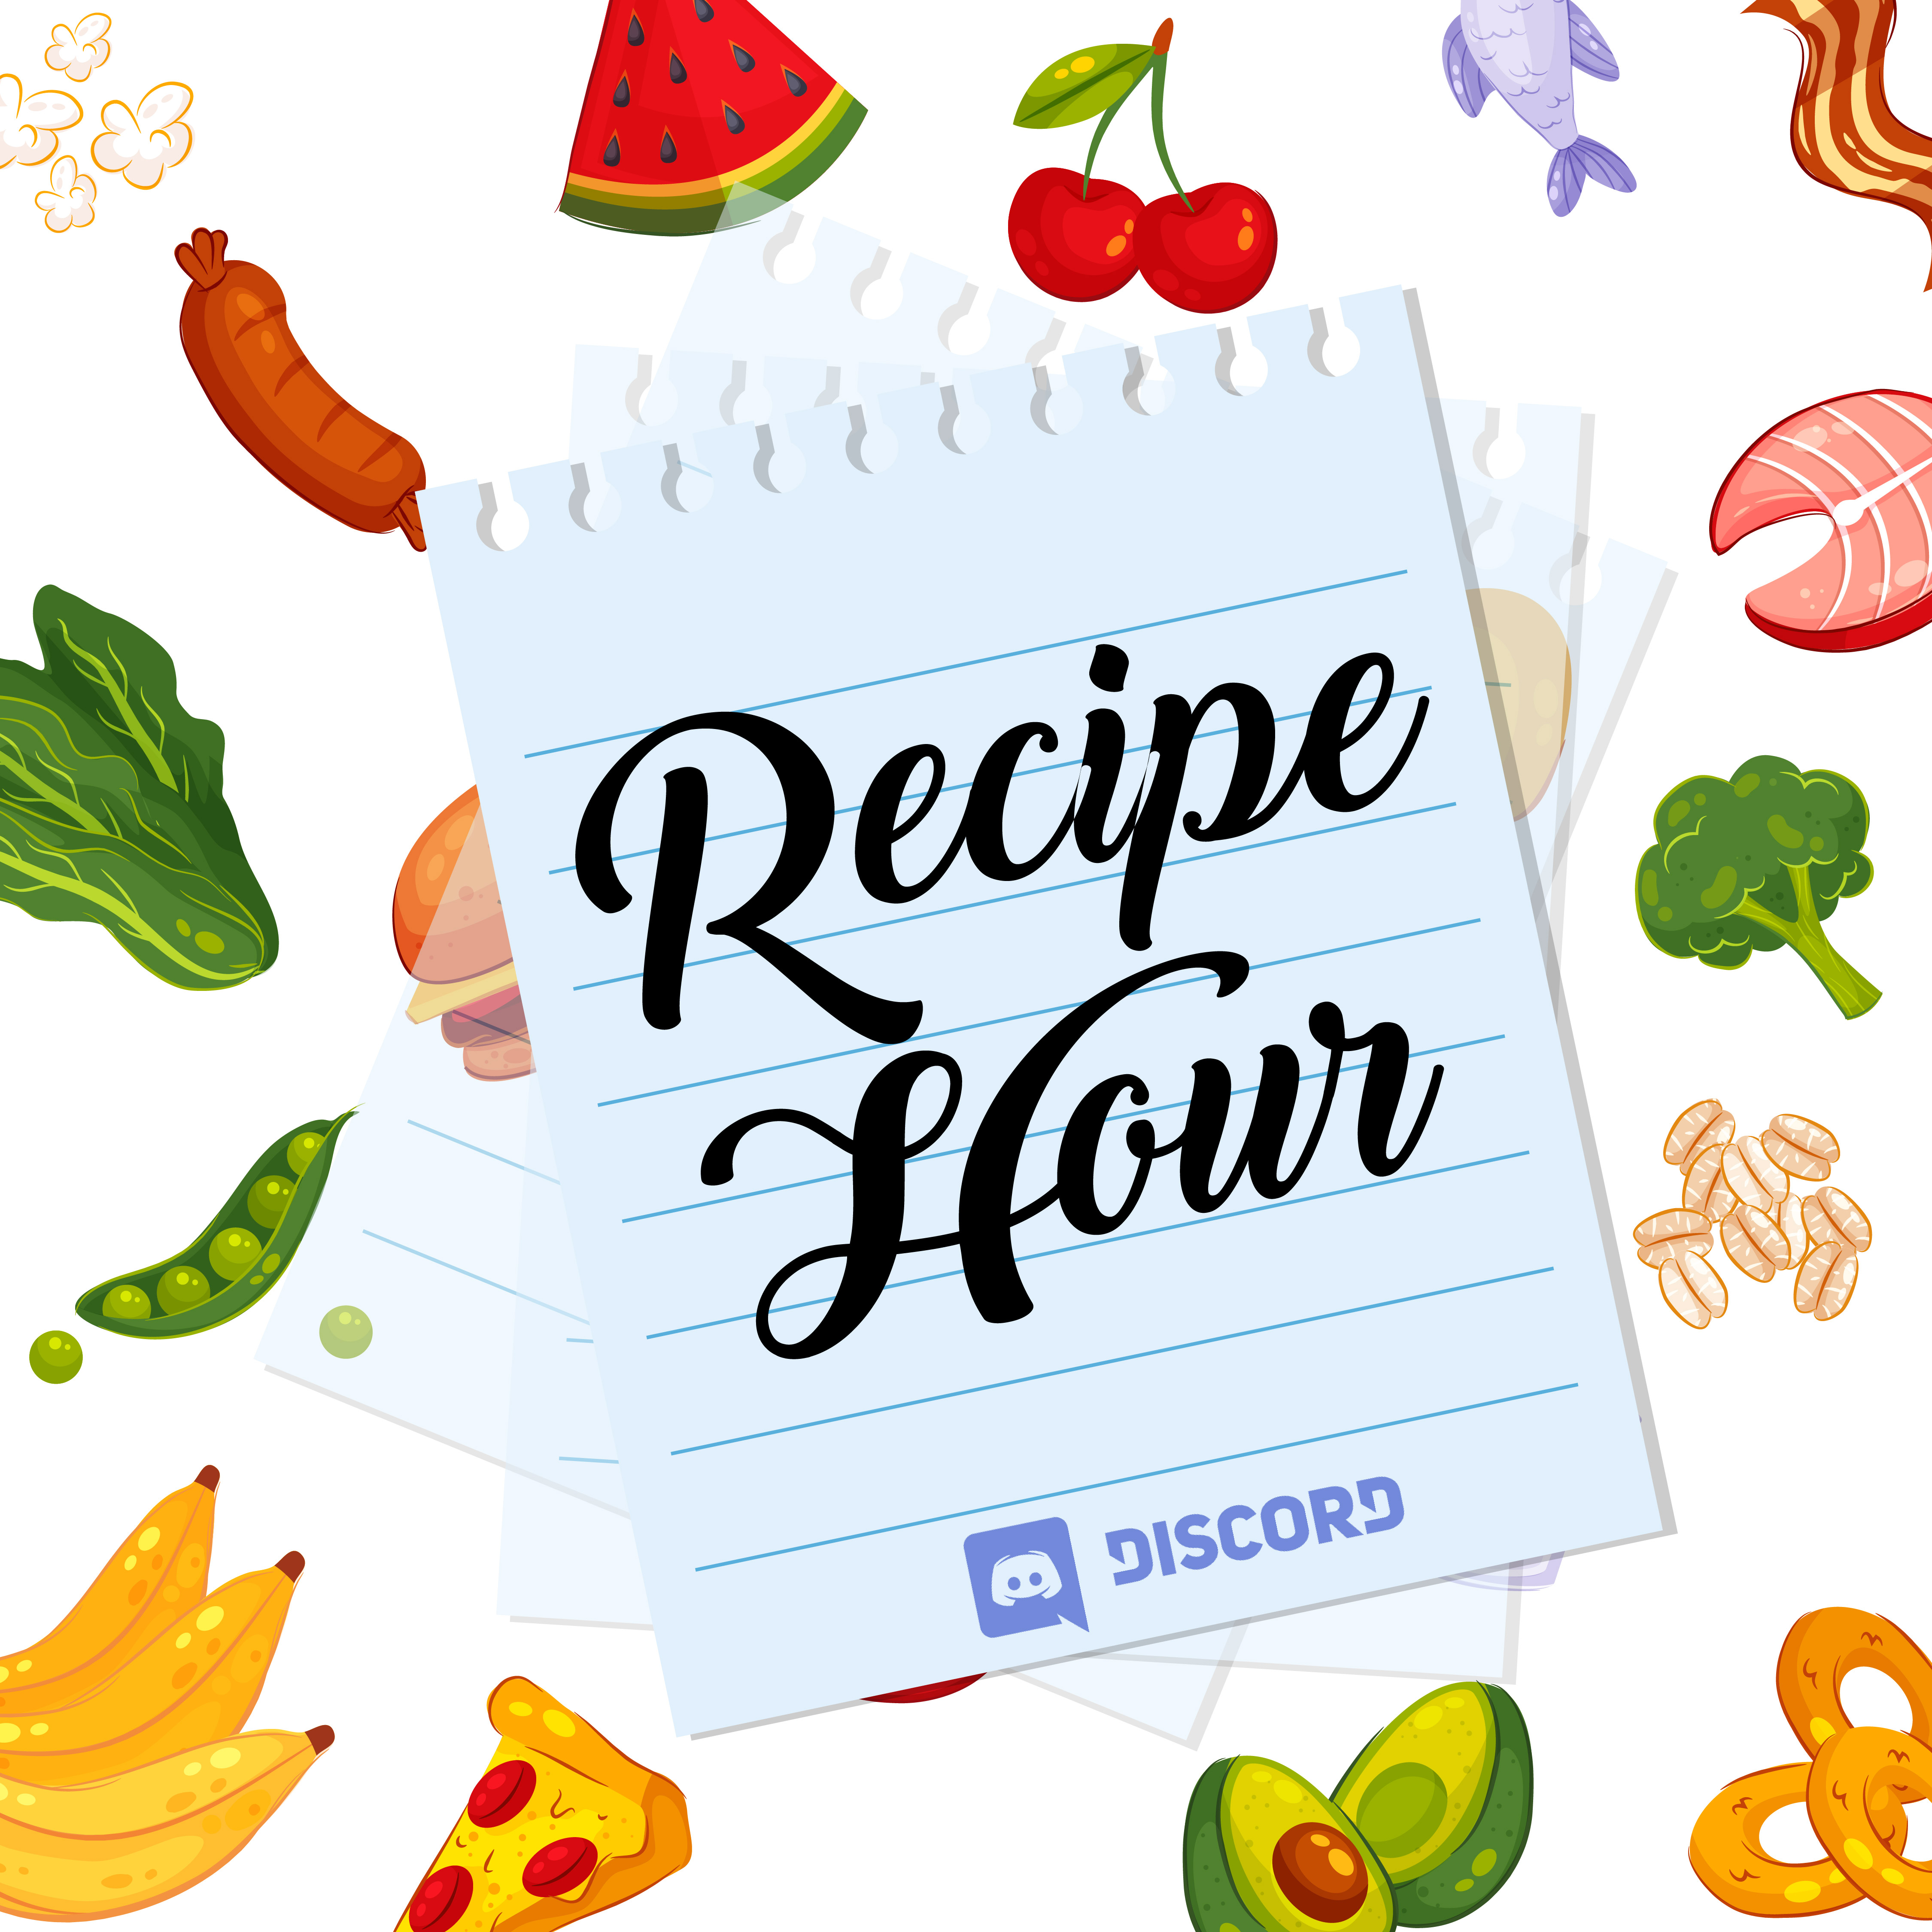 Recipe Hour